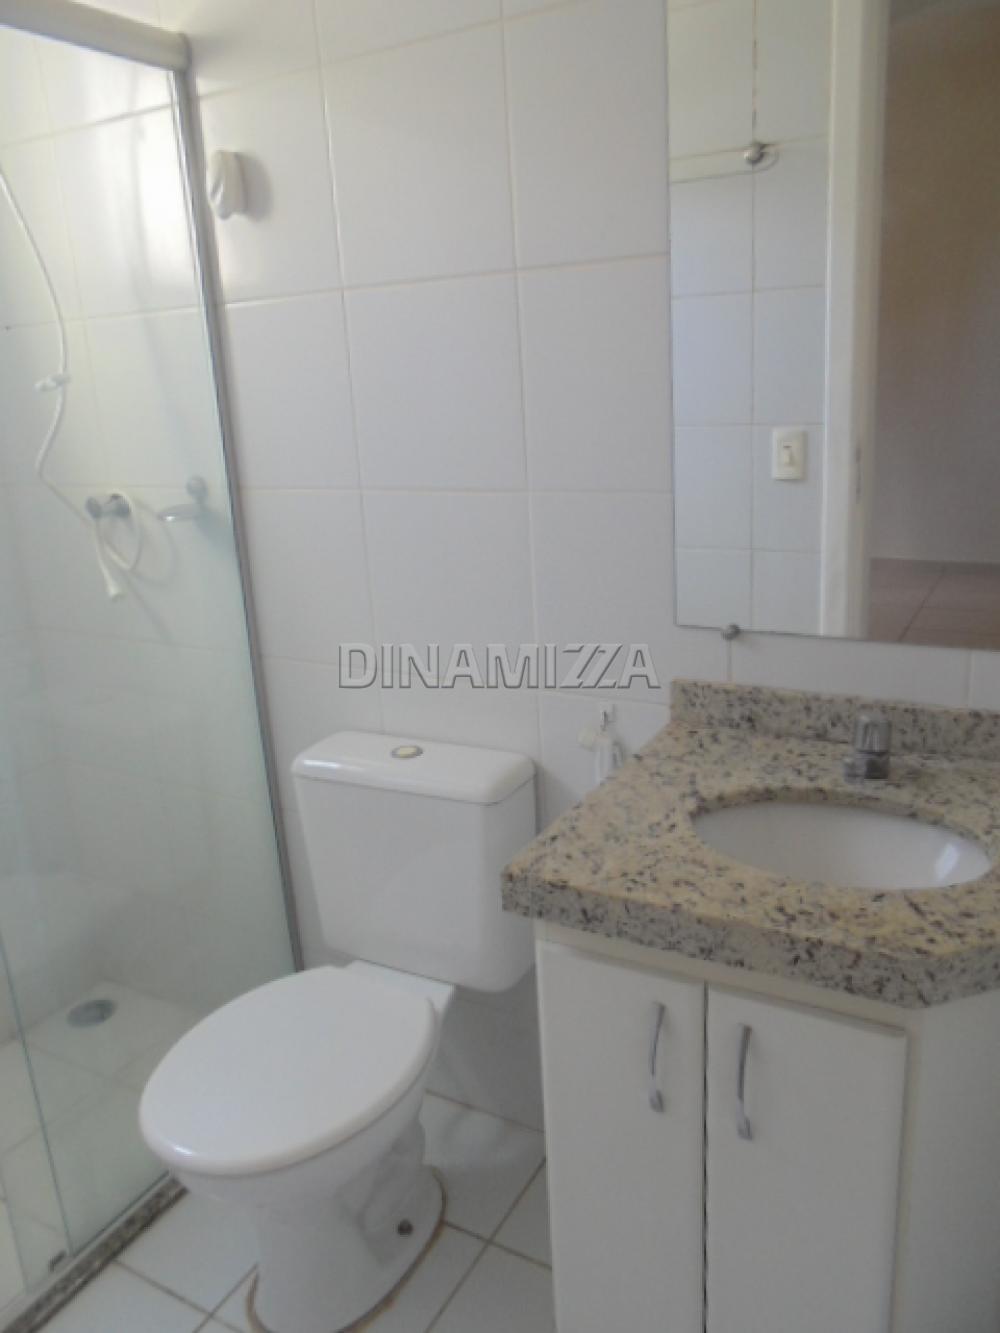 Alugar Apartamento / Padrão em Uberaba apenas R$ 850,00 - Foto 11